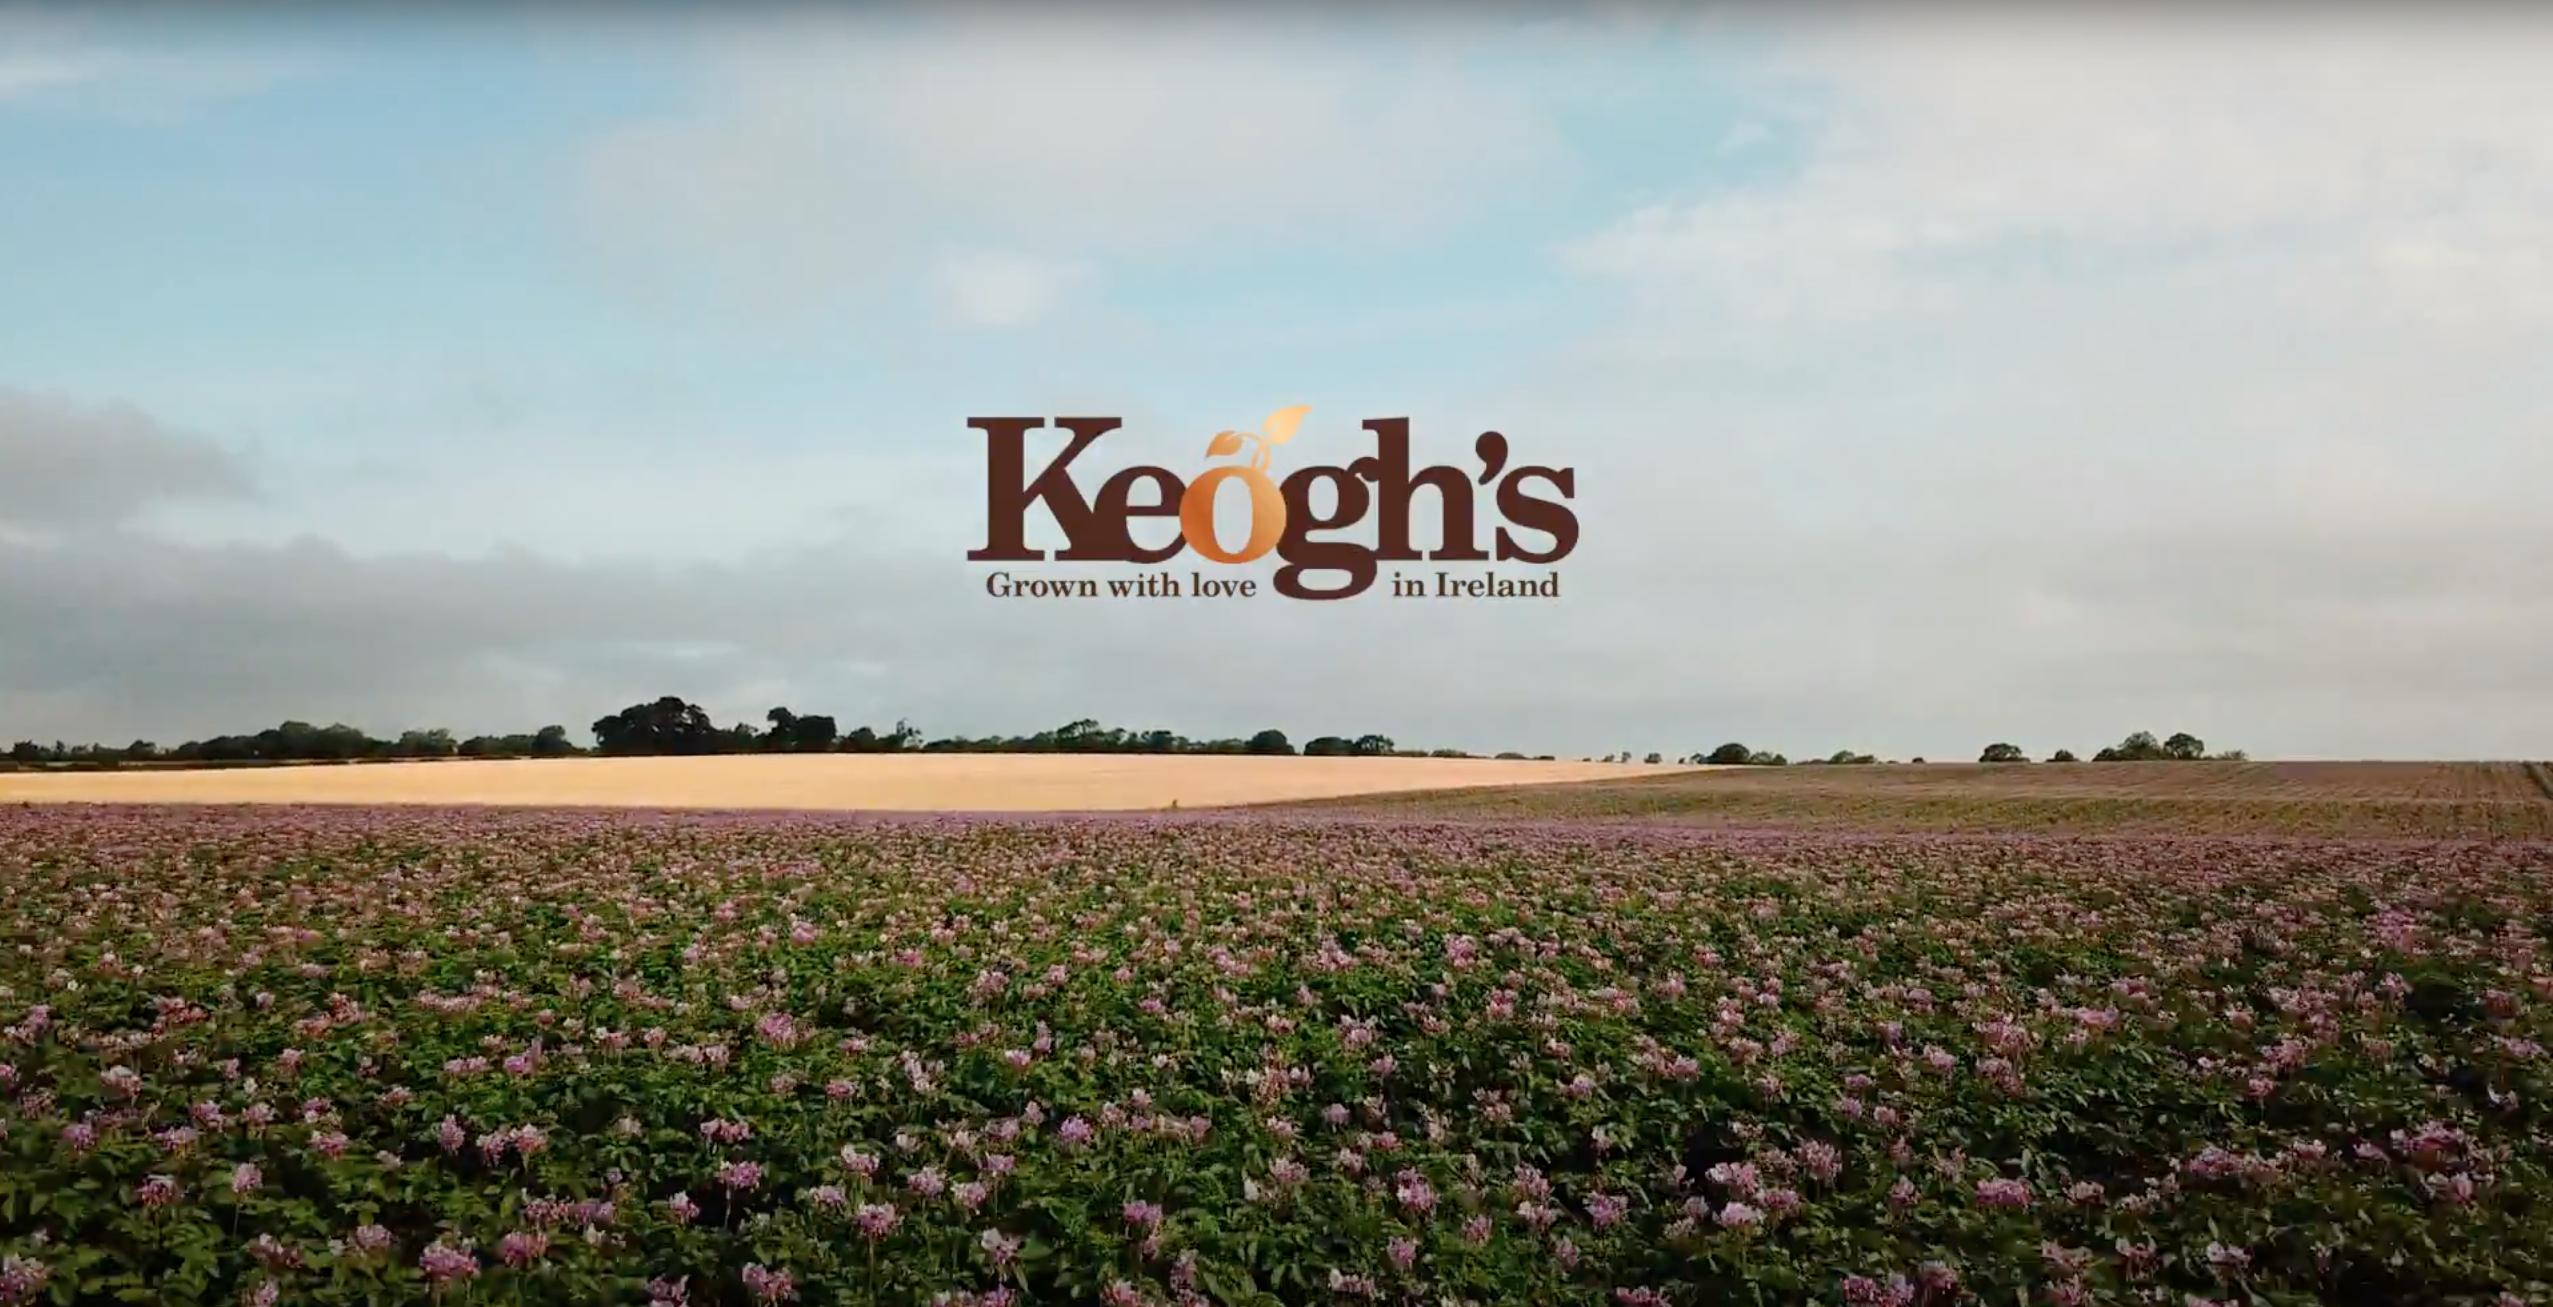 In bloom keoghs